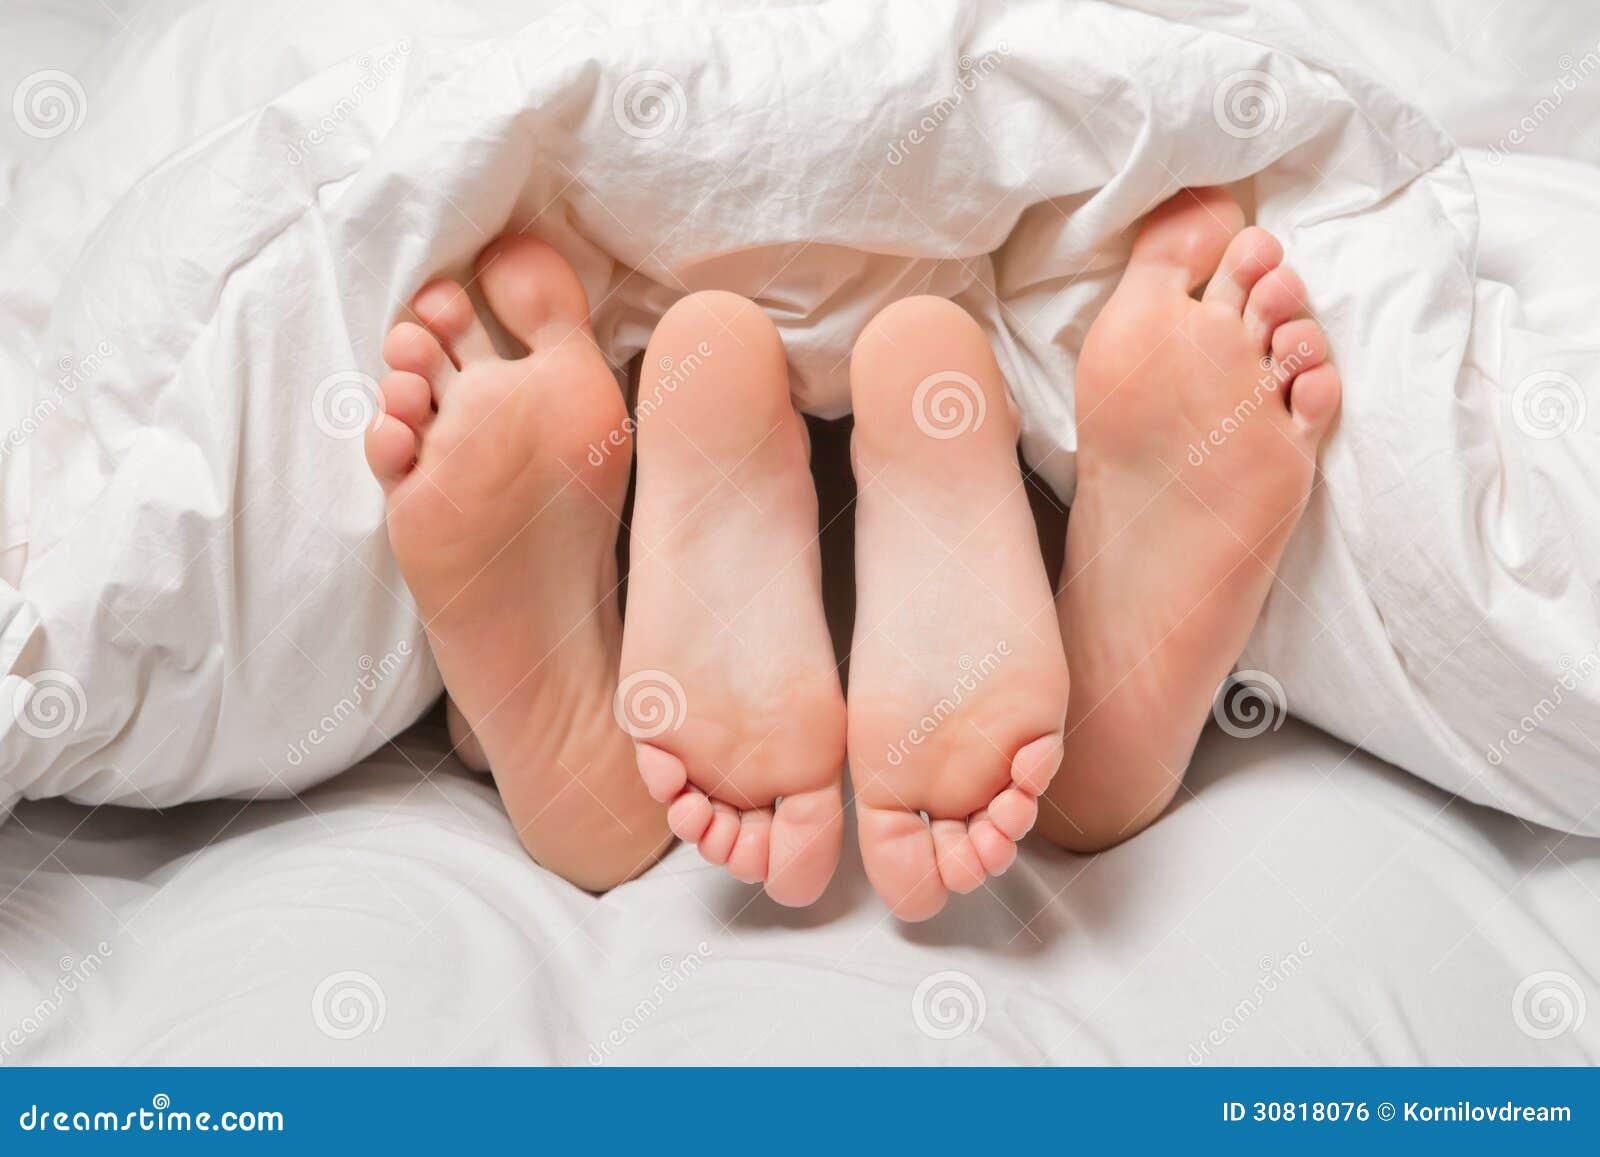 Фото ног в кровате 3 фотография